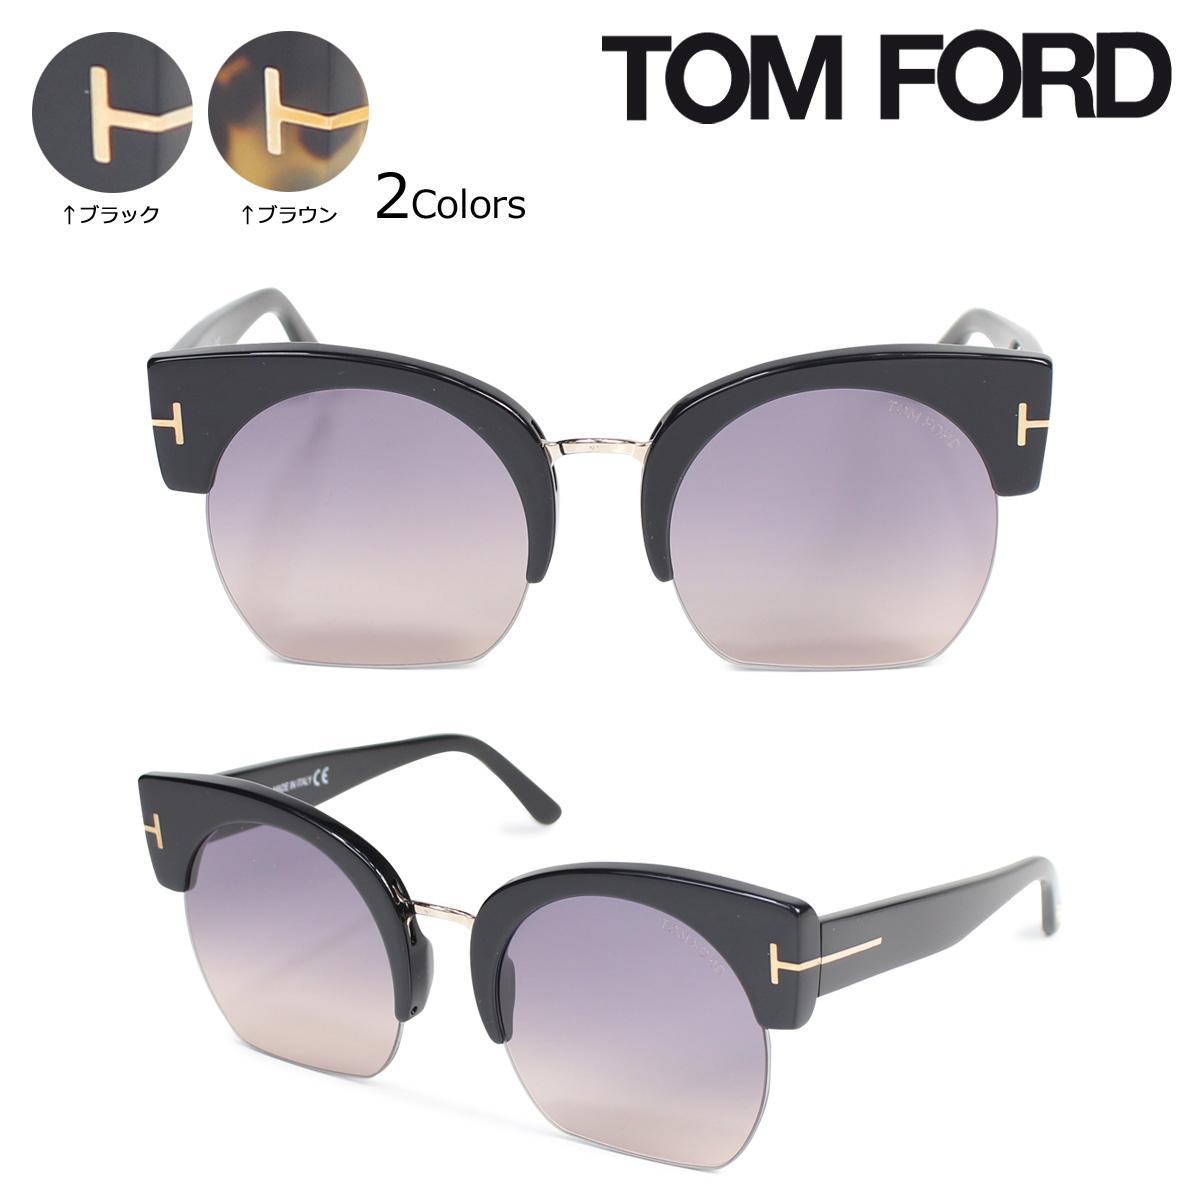 トムフォード TOM FORD サングラス メガネ メンズ レディース アイウェア FT0552 SAVANNAH SUNGLASSES 2カラー